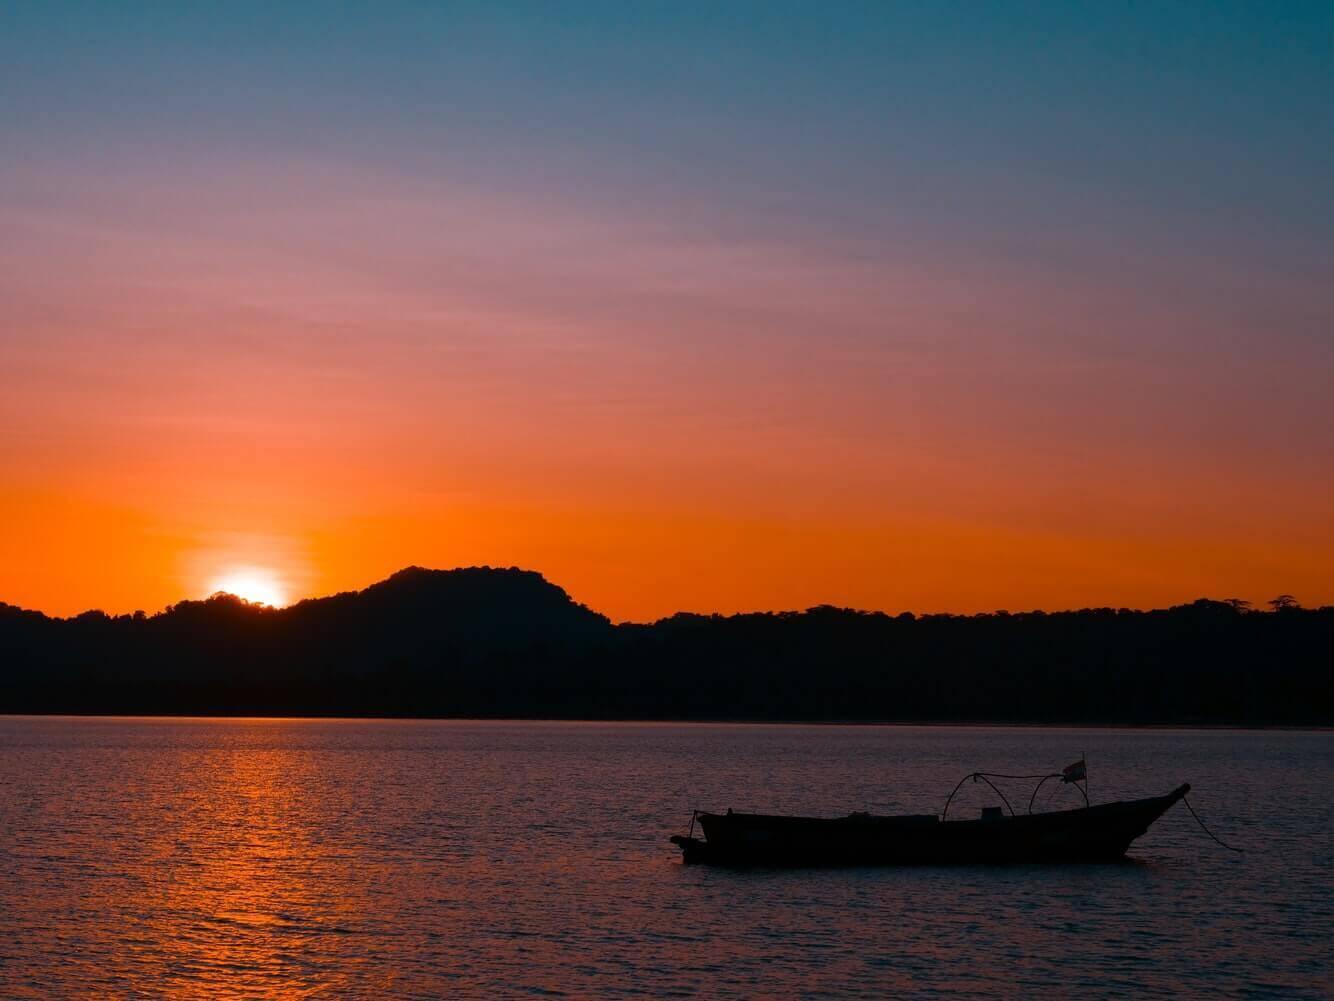 Campbell Bay, Andaman and Nicobar Islands, India